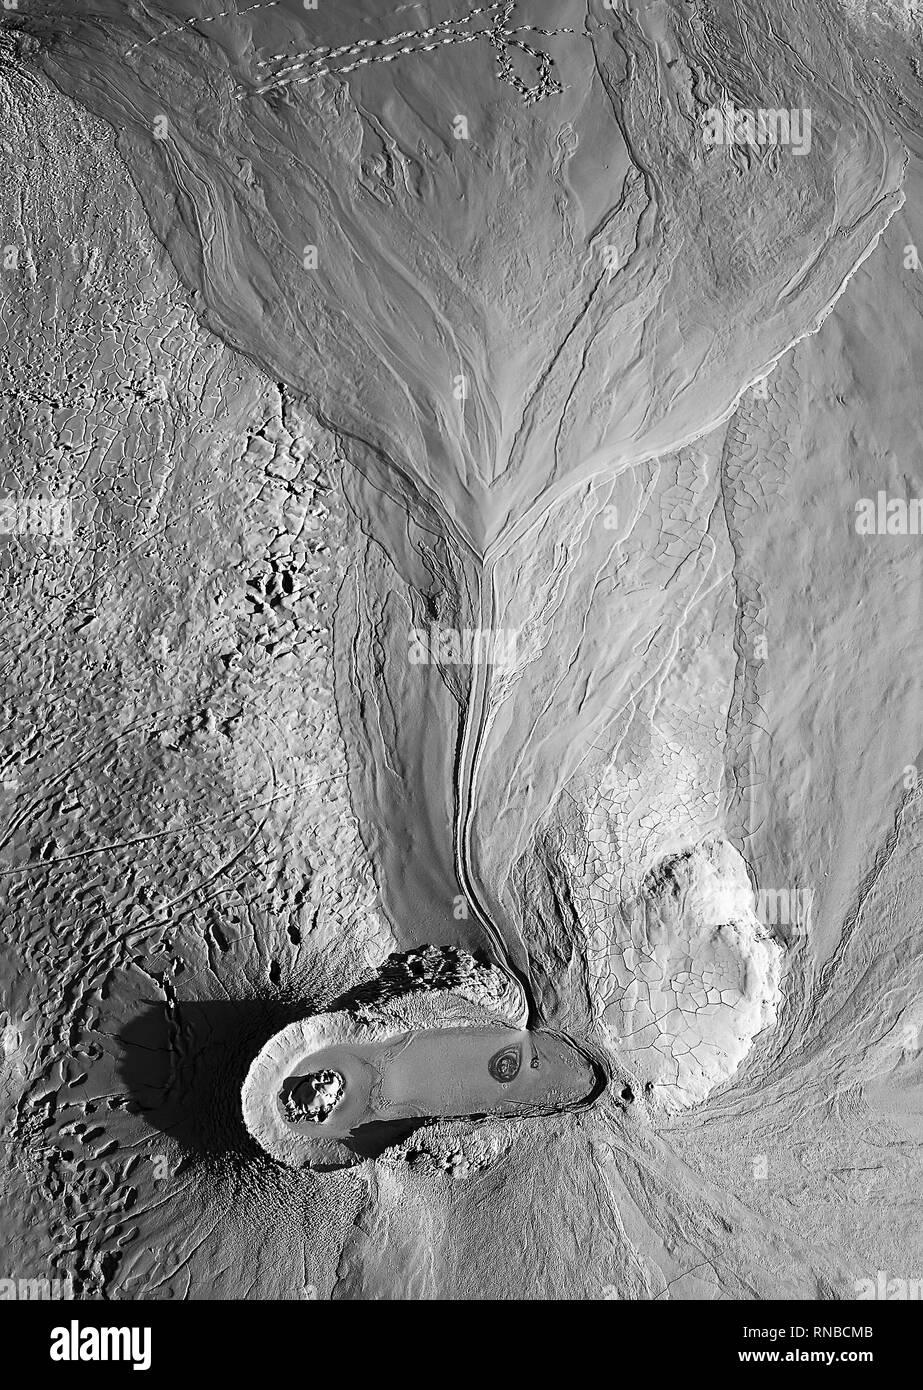 Mud vulcano from Romania - Stock Image